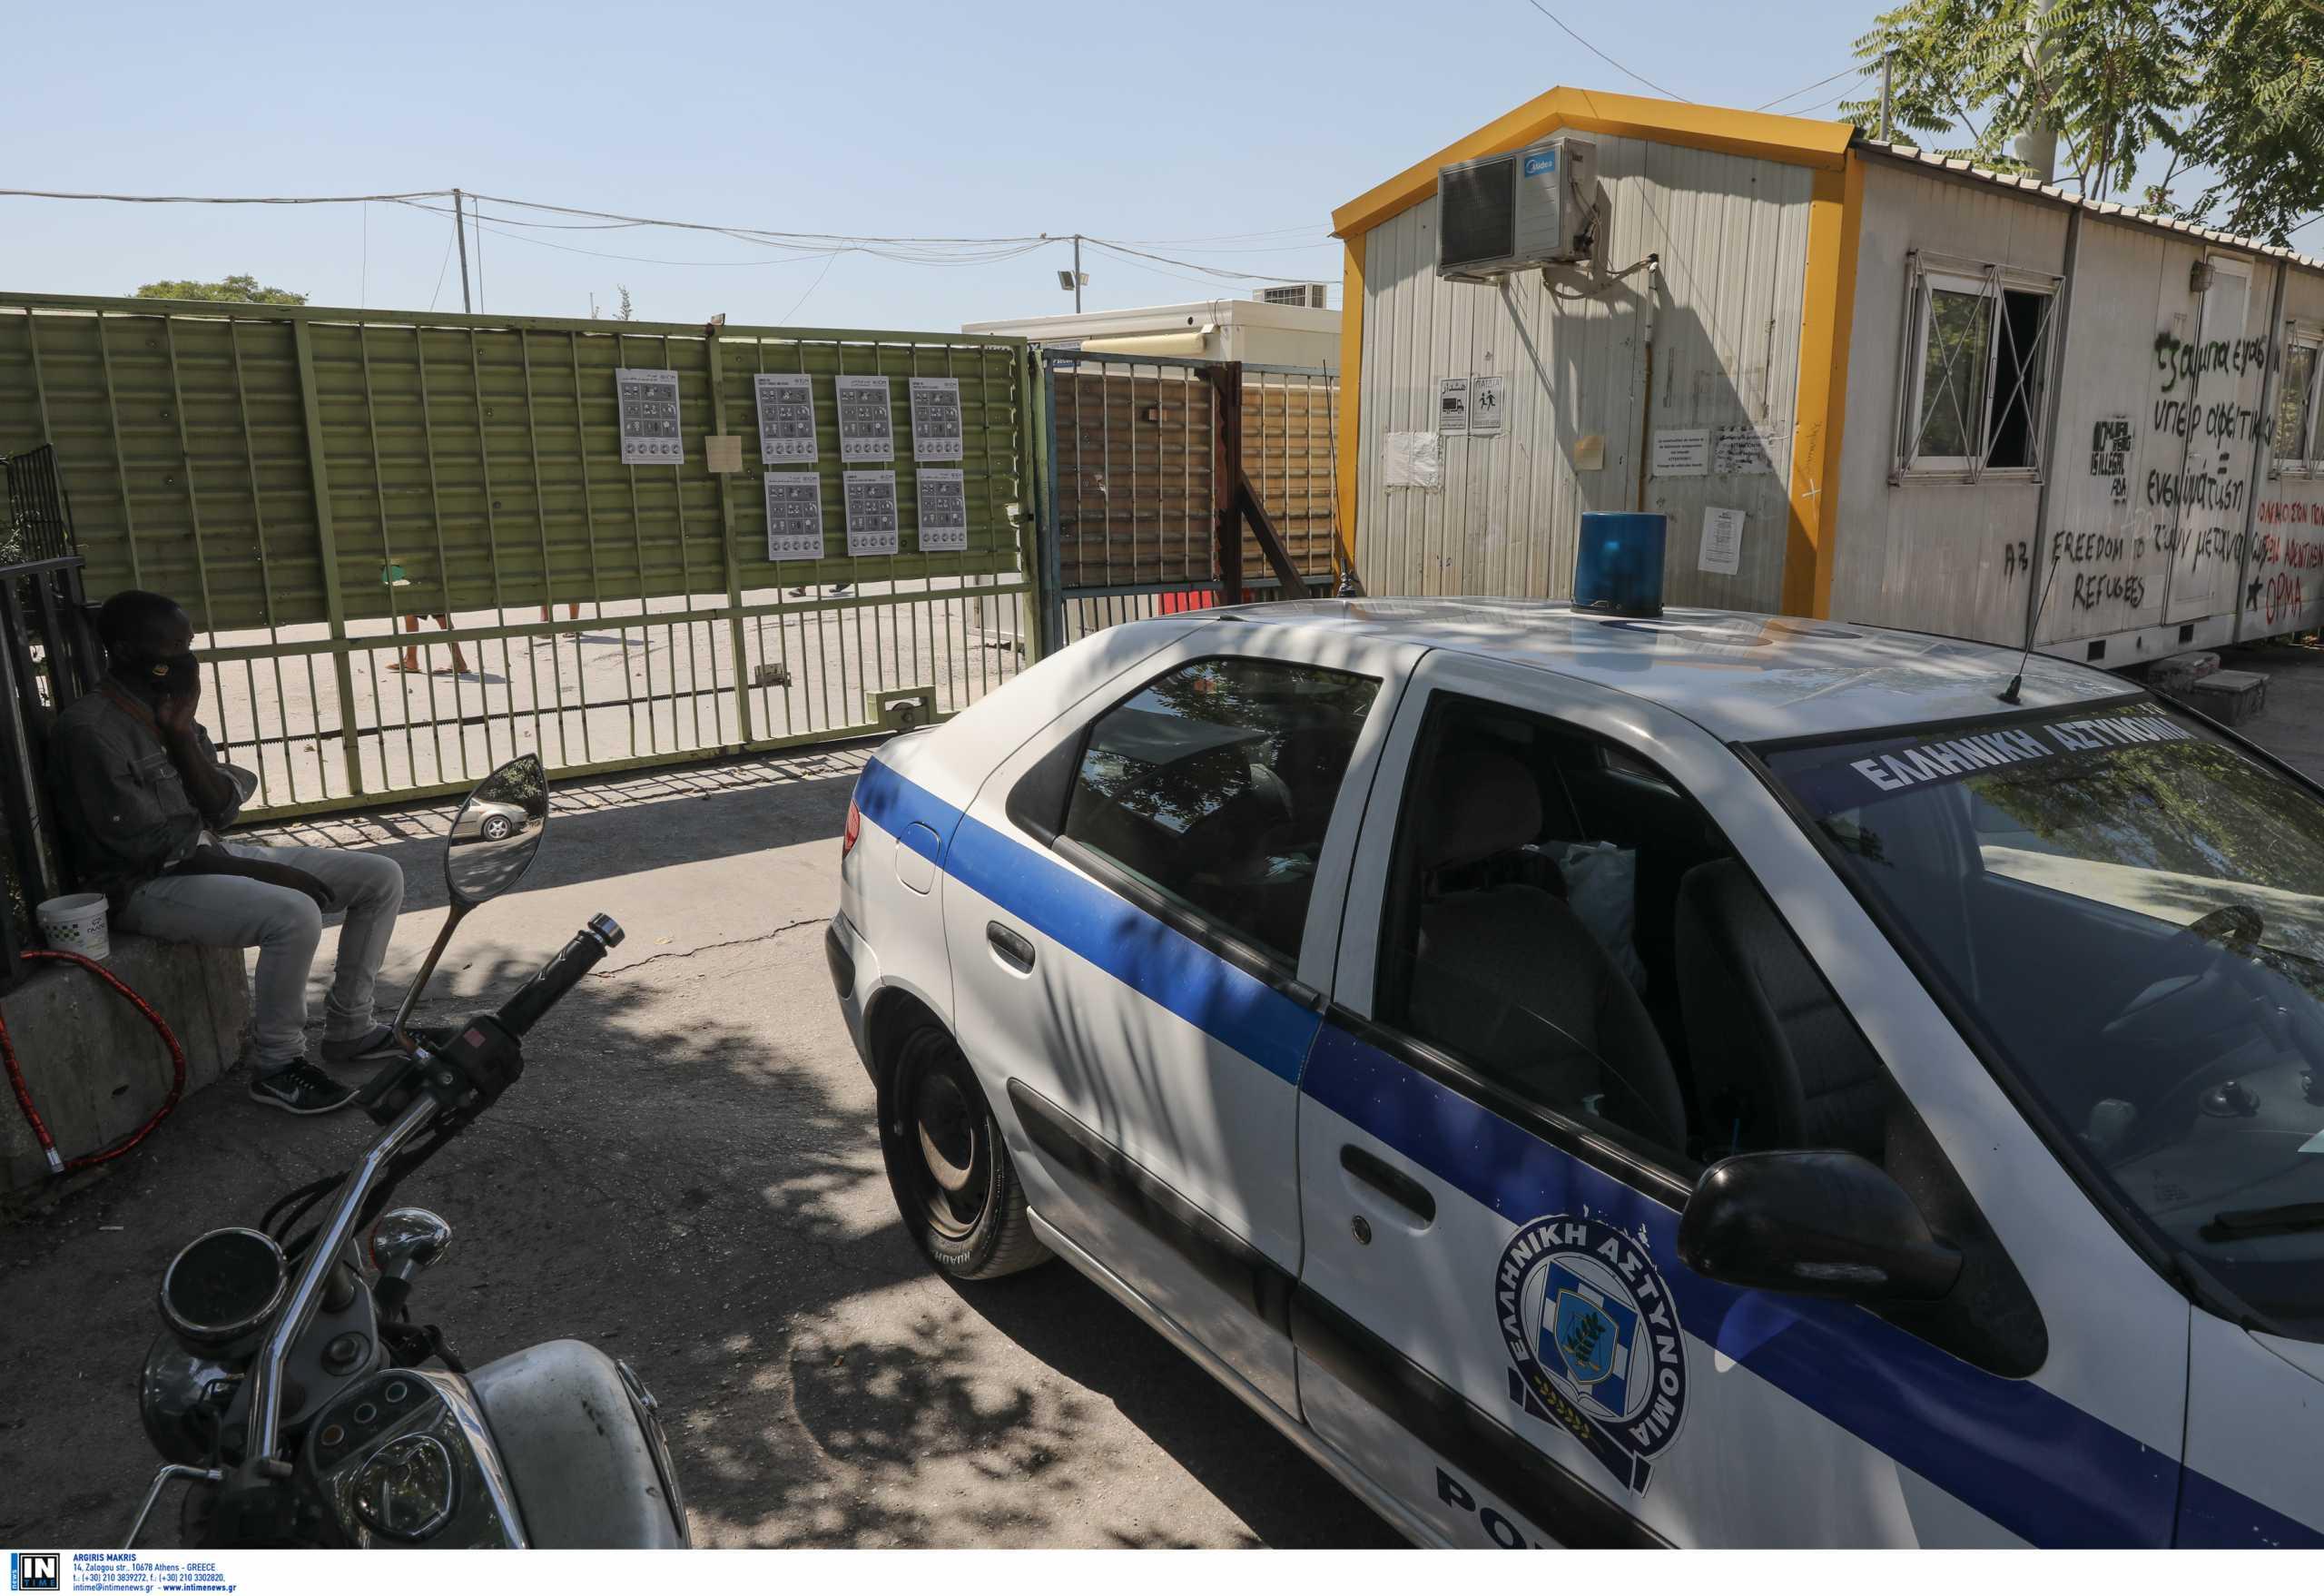 Σάμος: Εγκαινιάστηκε η νέα κλειστή δομή φιλοξενίας – «Αυστηρή αλλά δίκαιη η μεταναστευτική πολιτική»